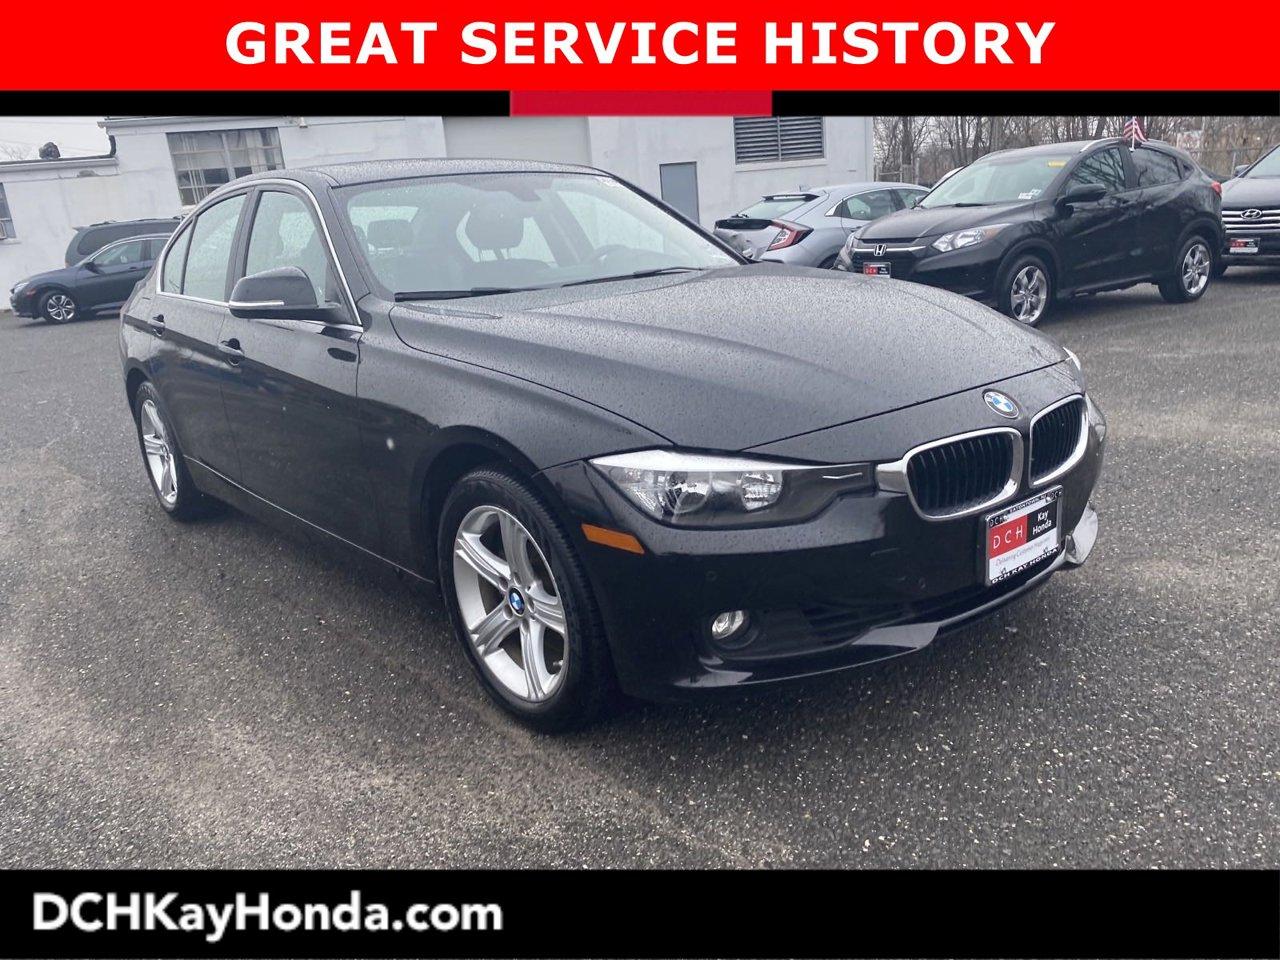 Used 2015 BMW 3 Series in Eatontown, NJ